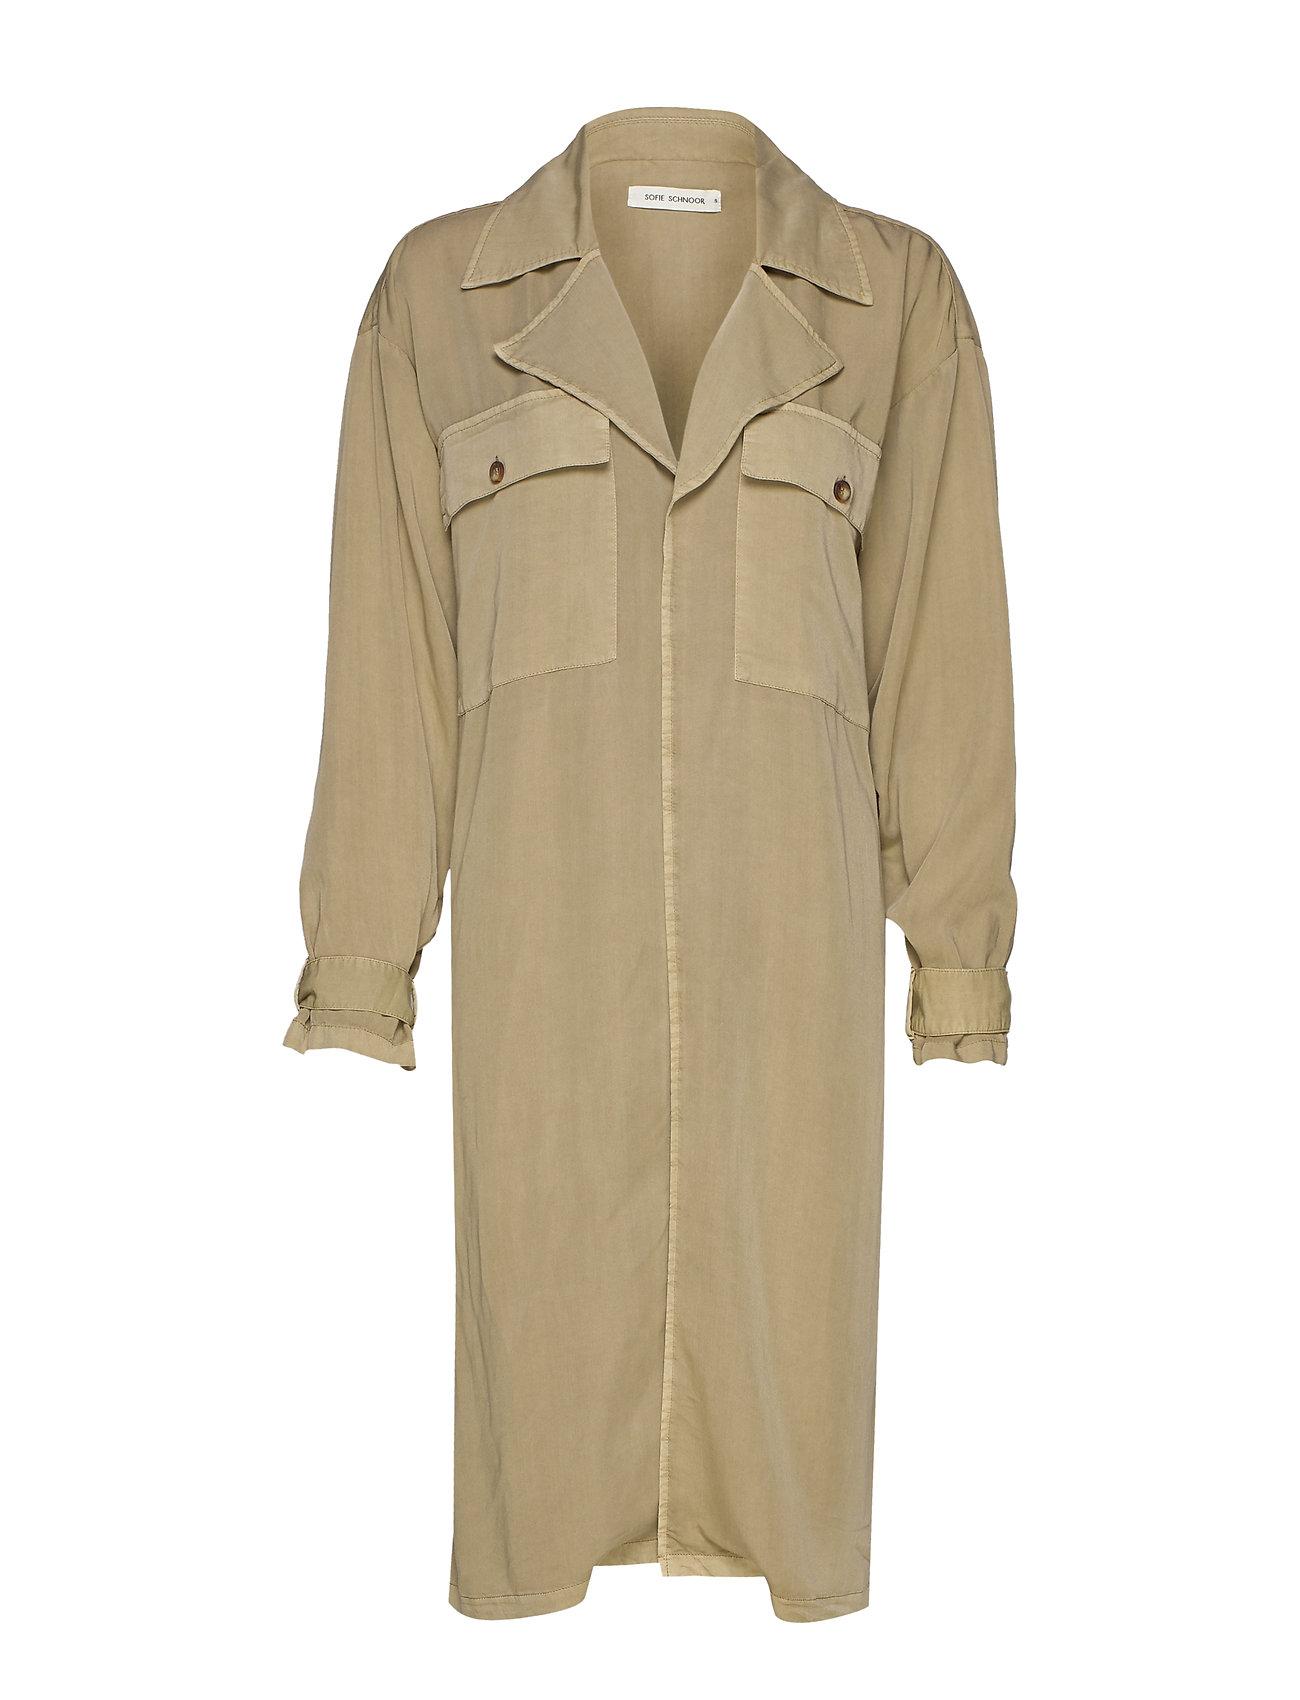 Image of Trenchcoat Trenchcoat Frakke Beige Sofie Schnoor (3360909417)